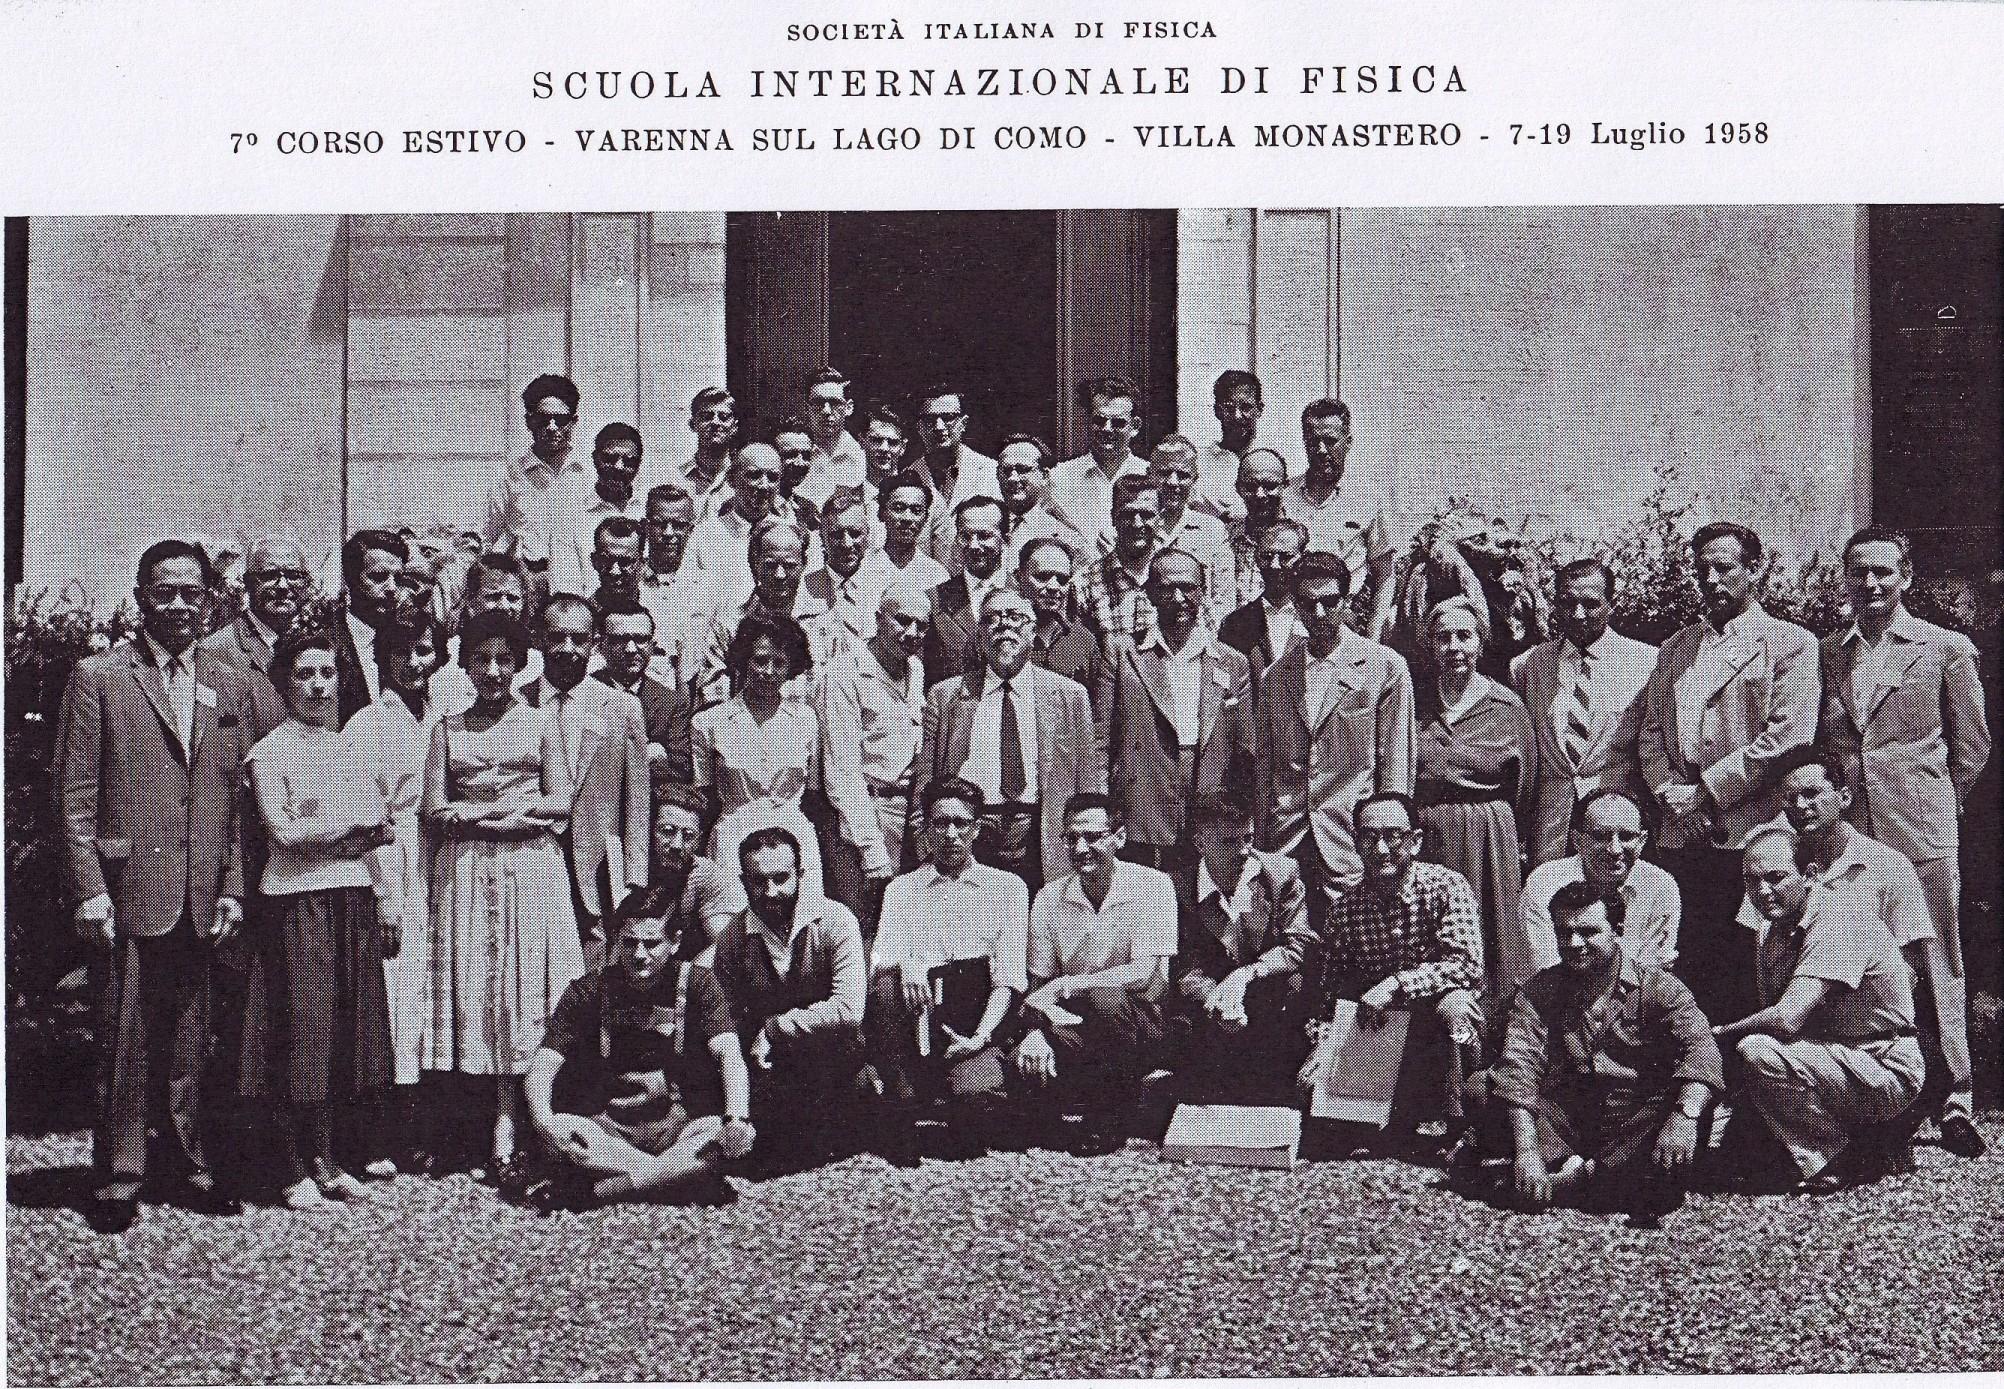 Scuola Internazionale di Fisica